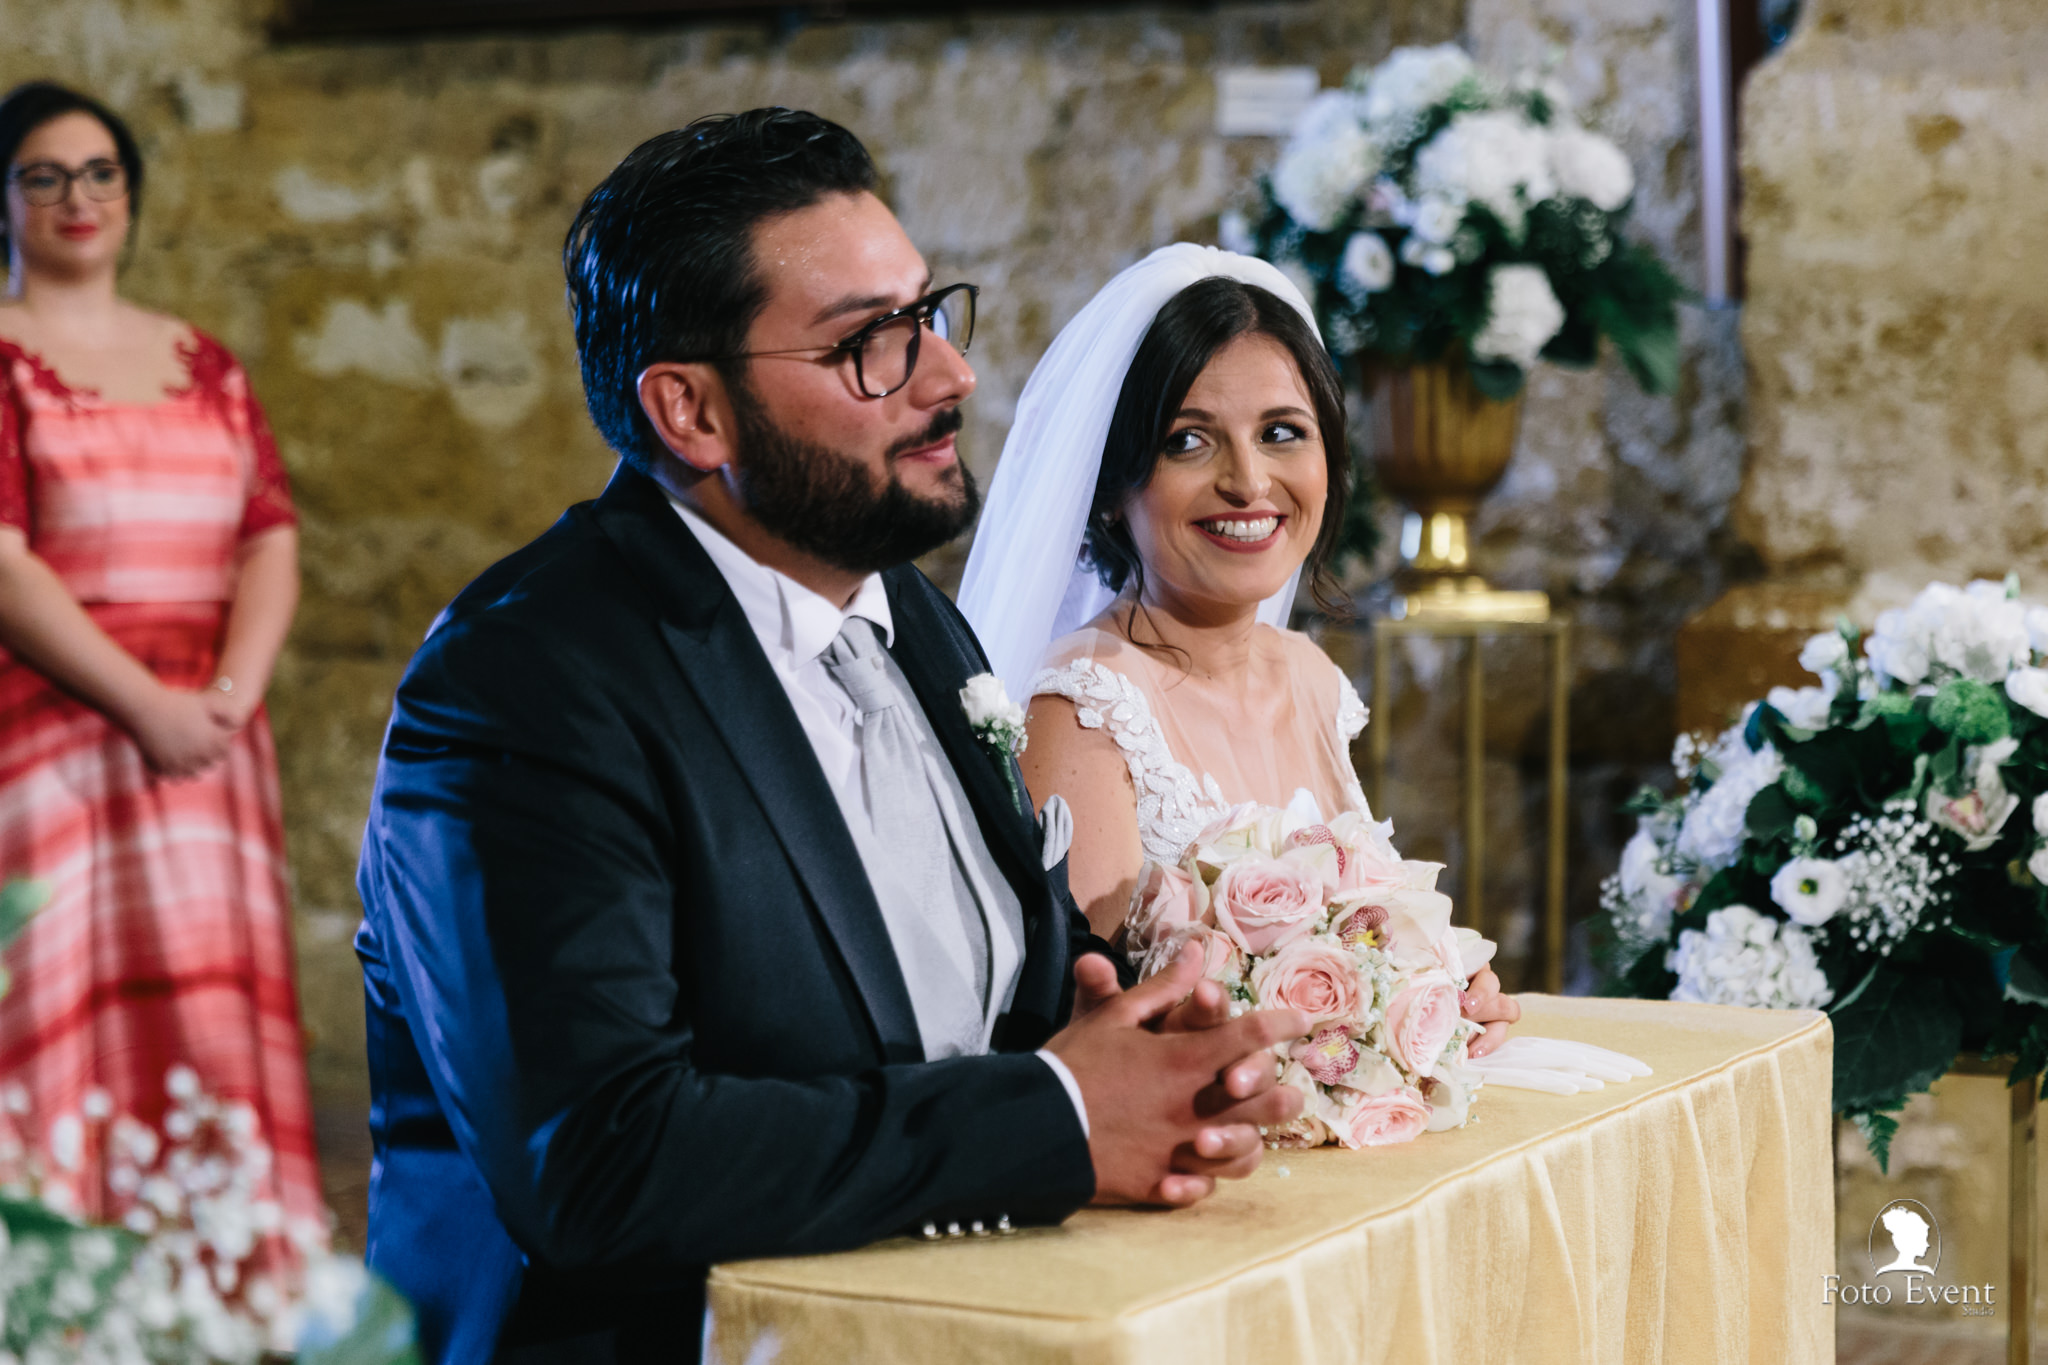 023-2019-09-09-Matrimonio-Dorotea-e-Alberto-Iemmolo-5DE-821